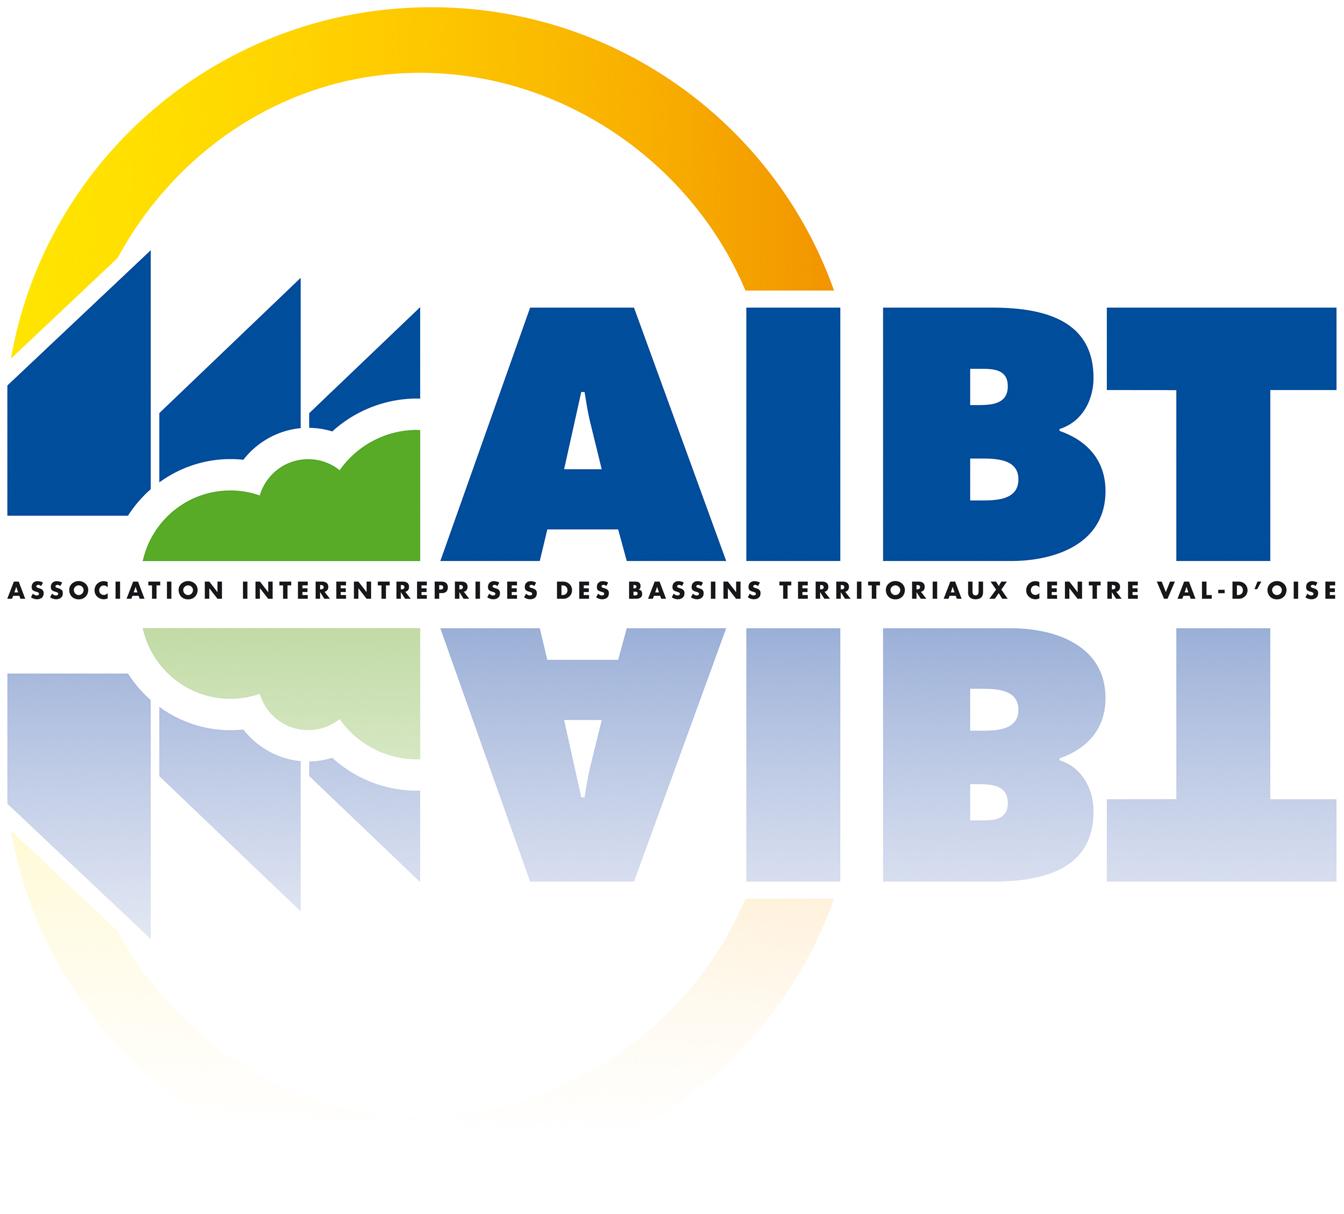 Le Groupe Saturne - Actualités - Partenaires - AIBT - Nettoyage professionnel - Entreprise de nettoyage